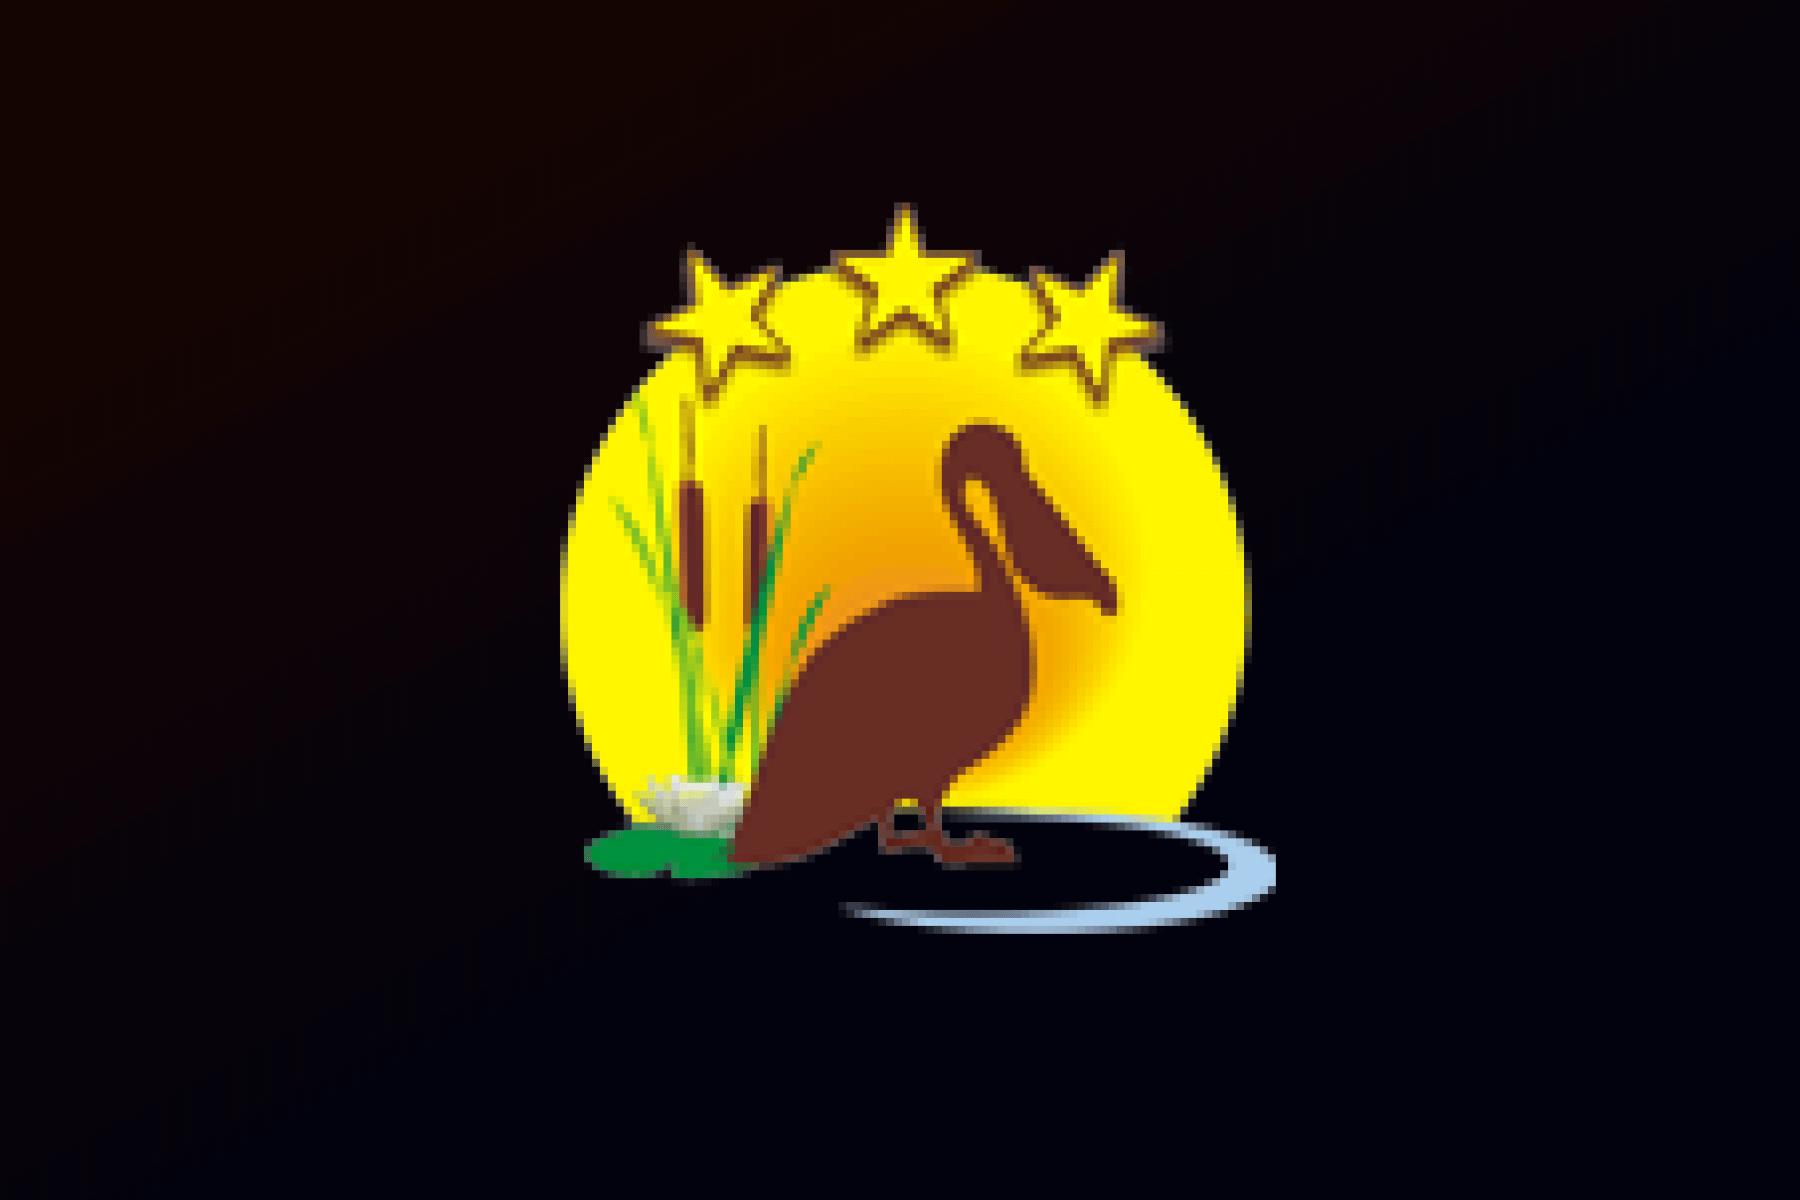 logo-vectorize-diff